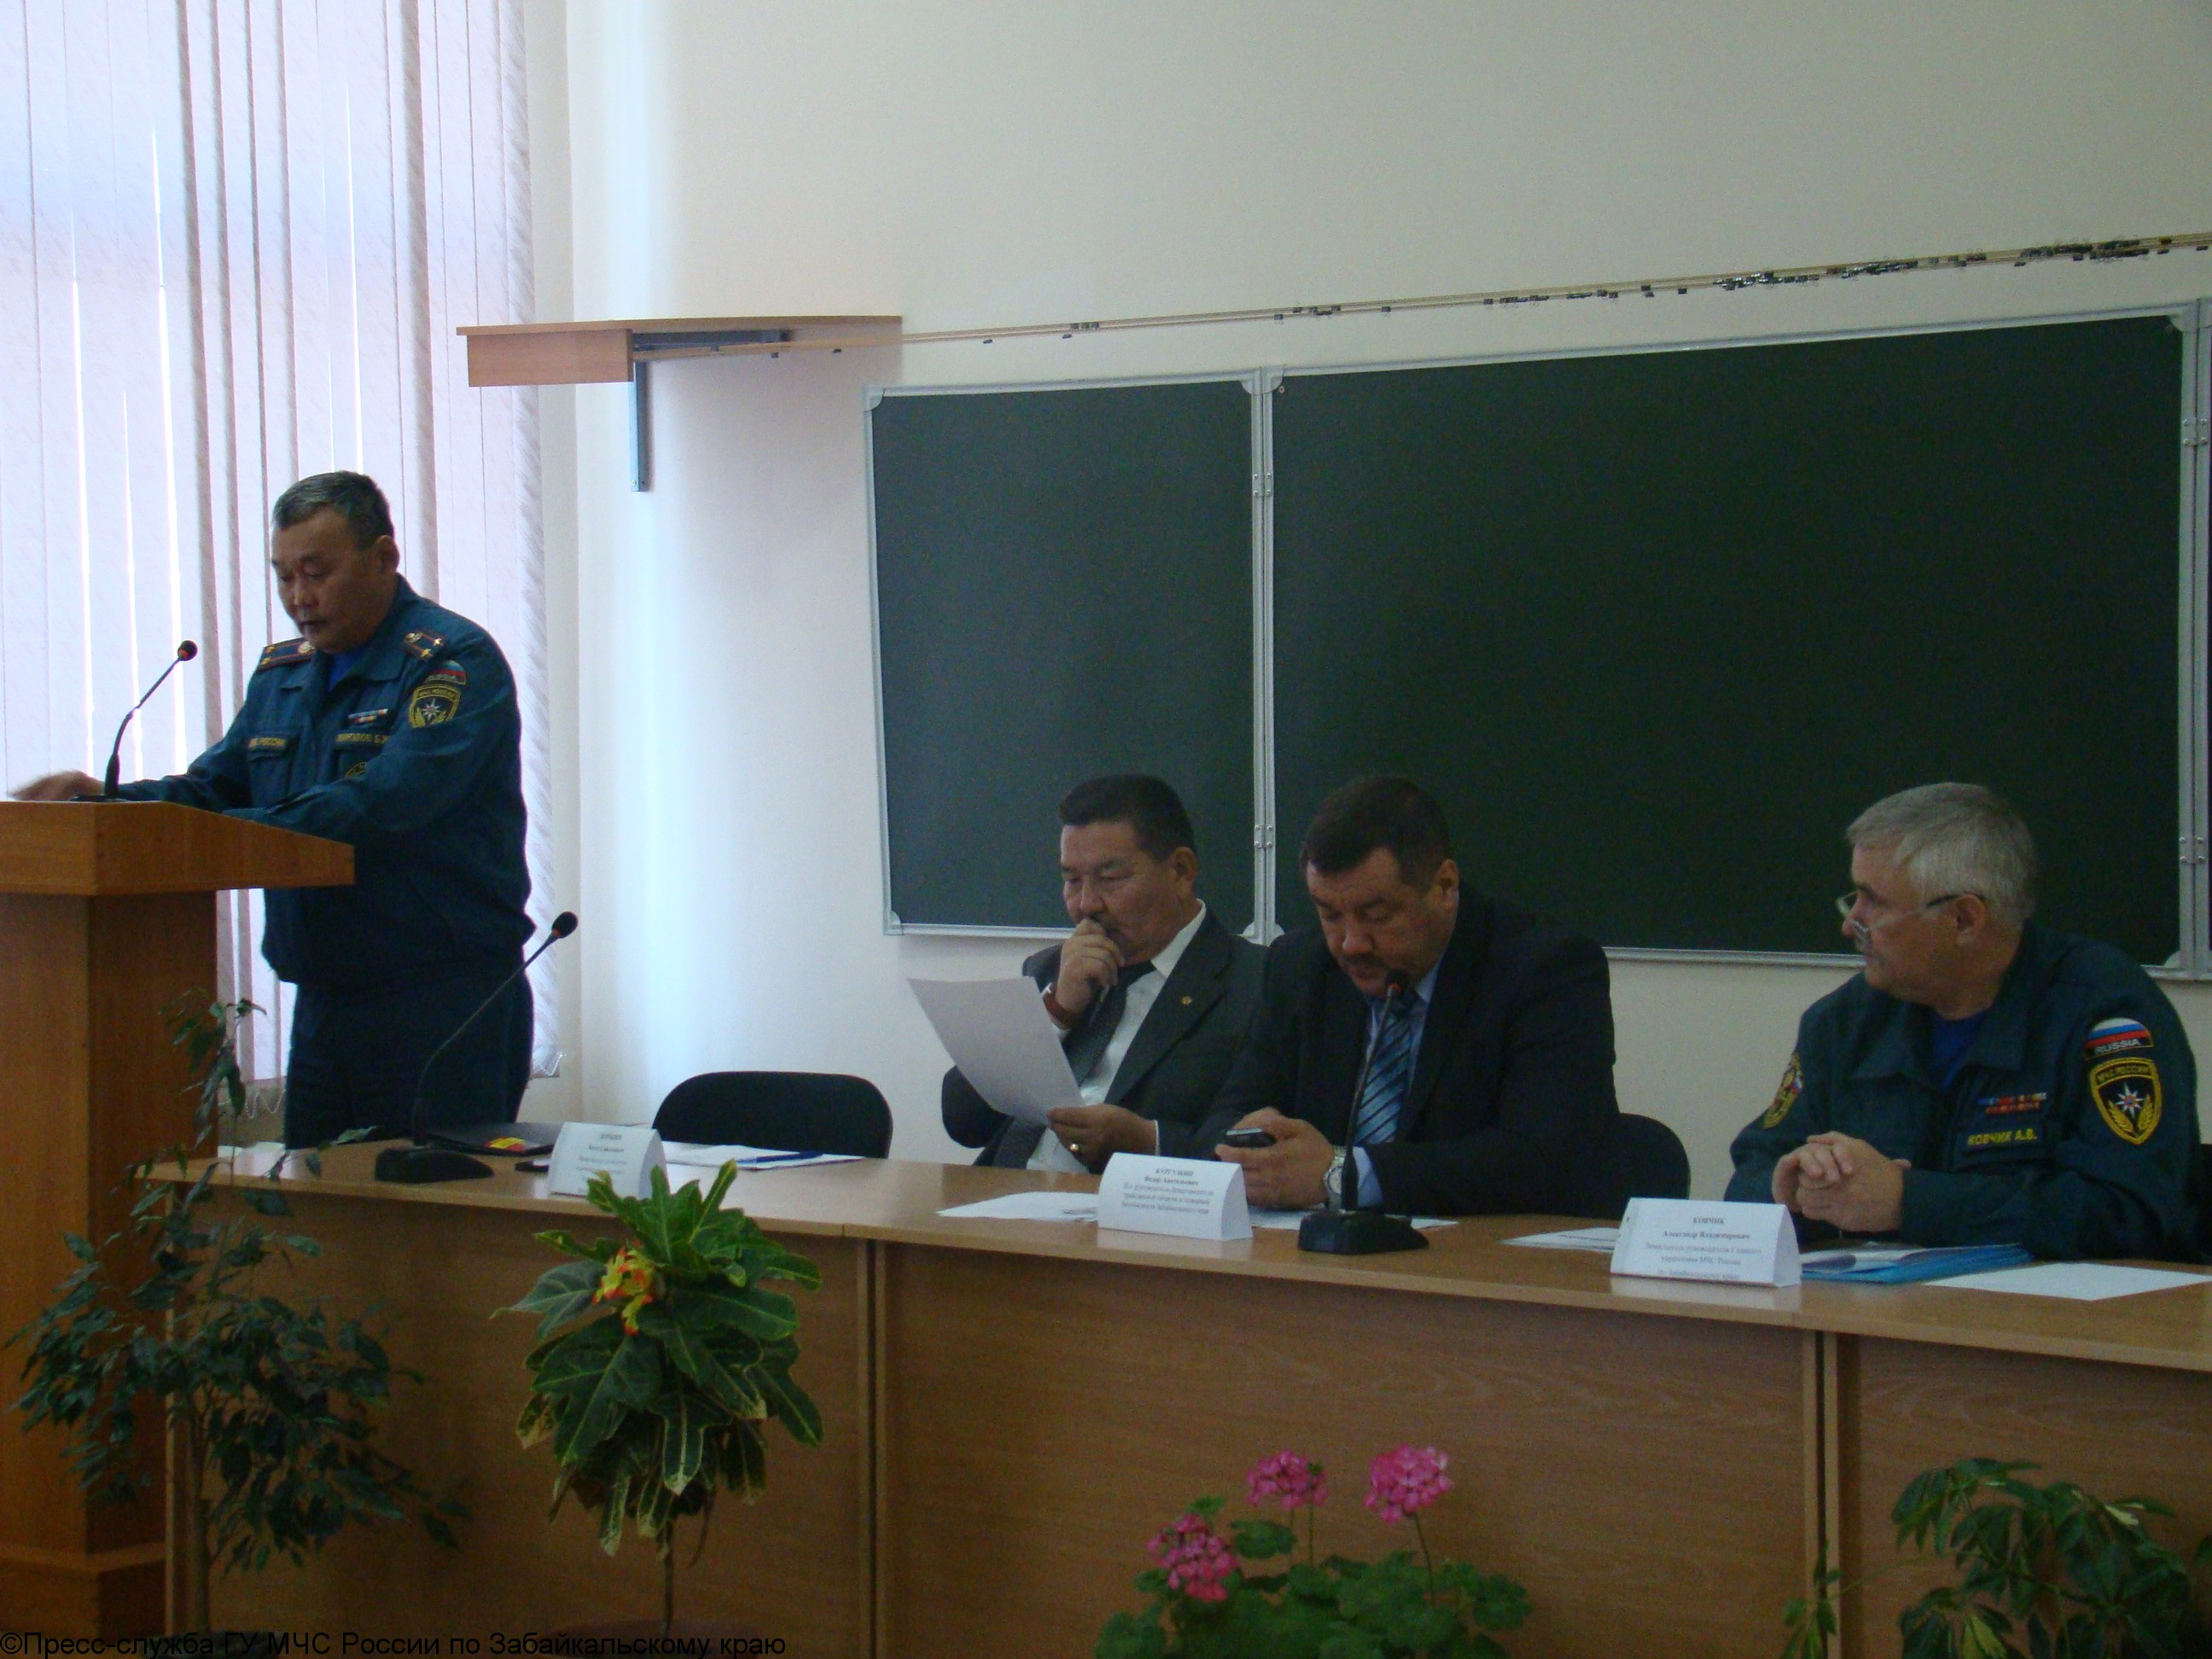 Учебно-методический сбор с участием представителей муниципальных образований по вопросам обеспечения безопасности жизнедеятельности населения в период отопительного сезона 2013-2014 гг.